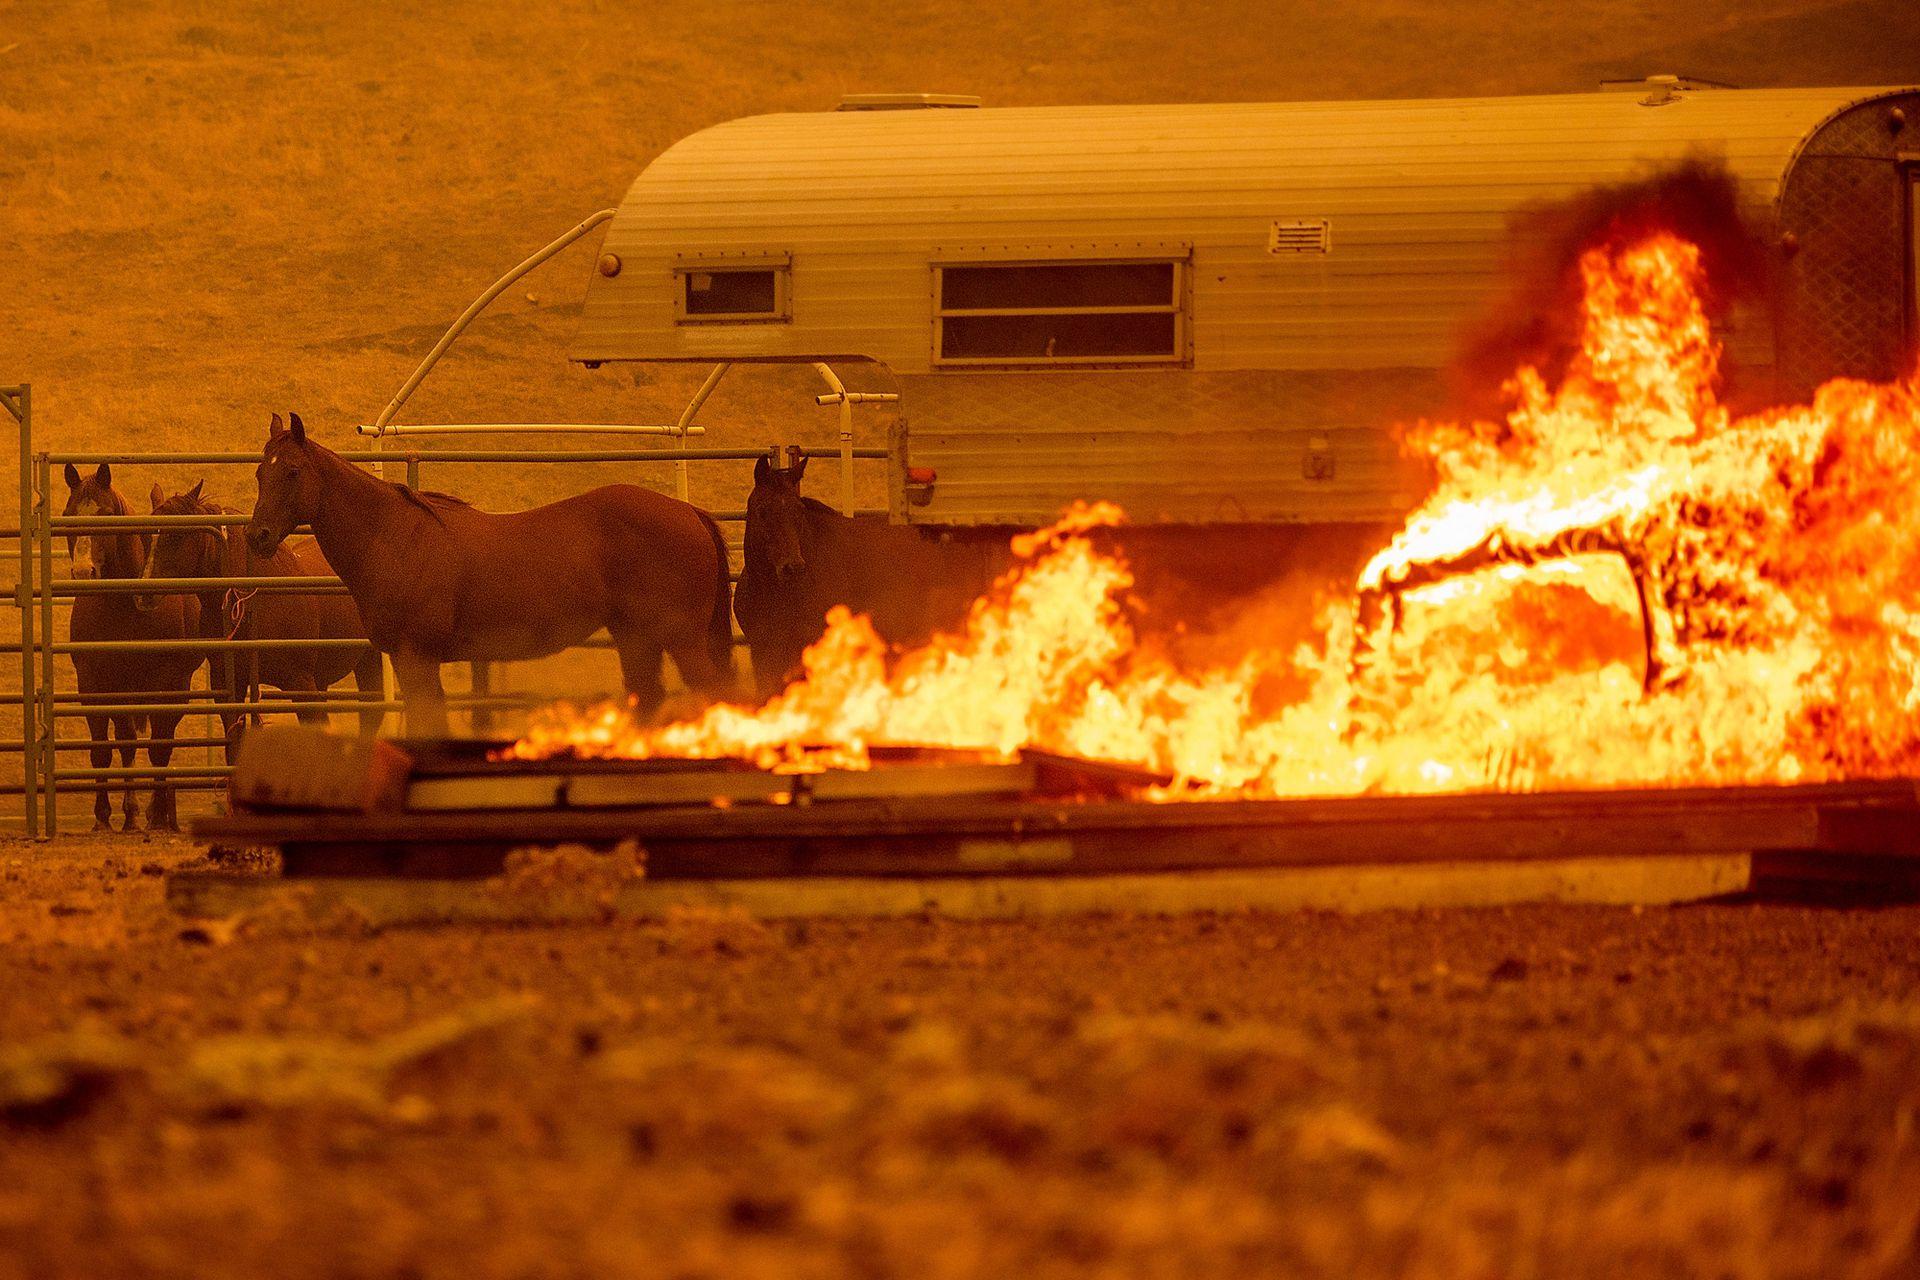 California declara el estado de emergencia por los incendios mientras continúan activos 30 focos